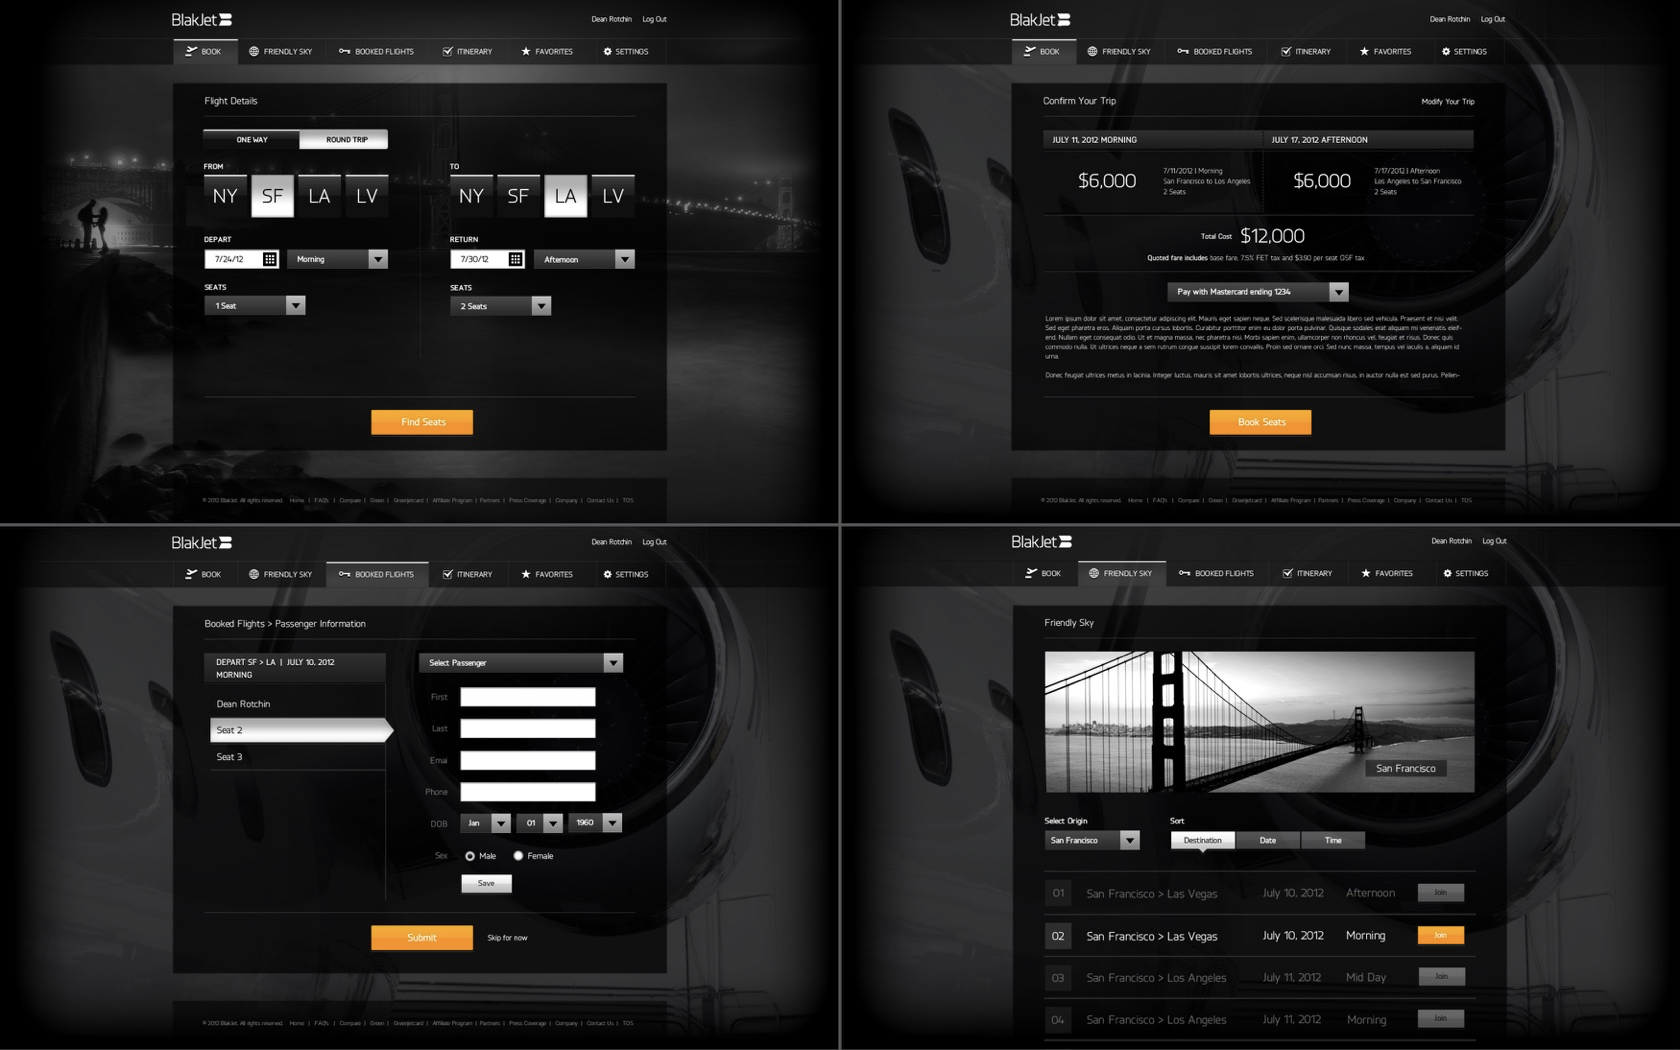 BlackJet Website